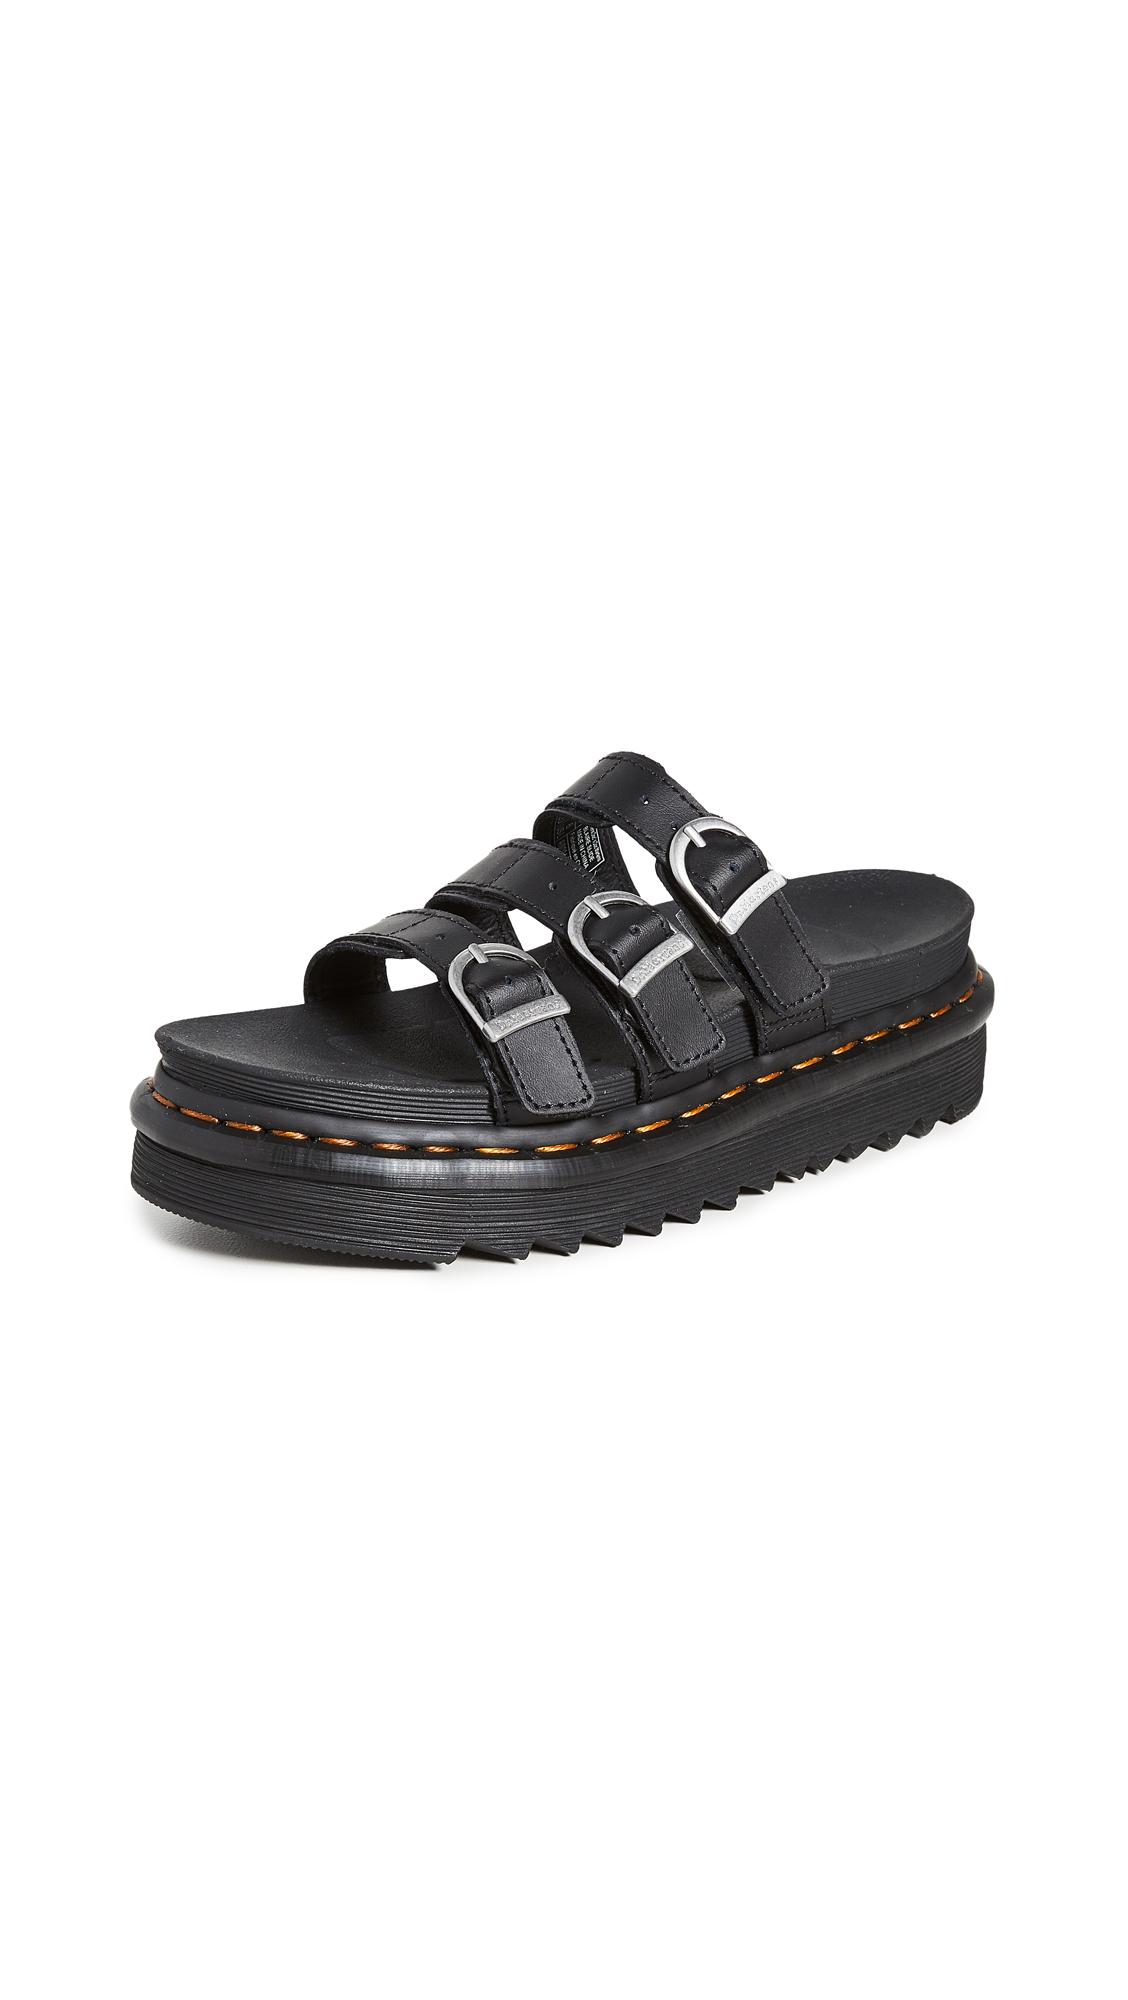 Buy Dr. Martens Blaire Slide Sandals online, shop Dr. Martens